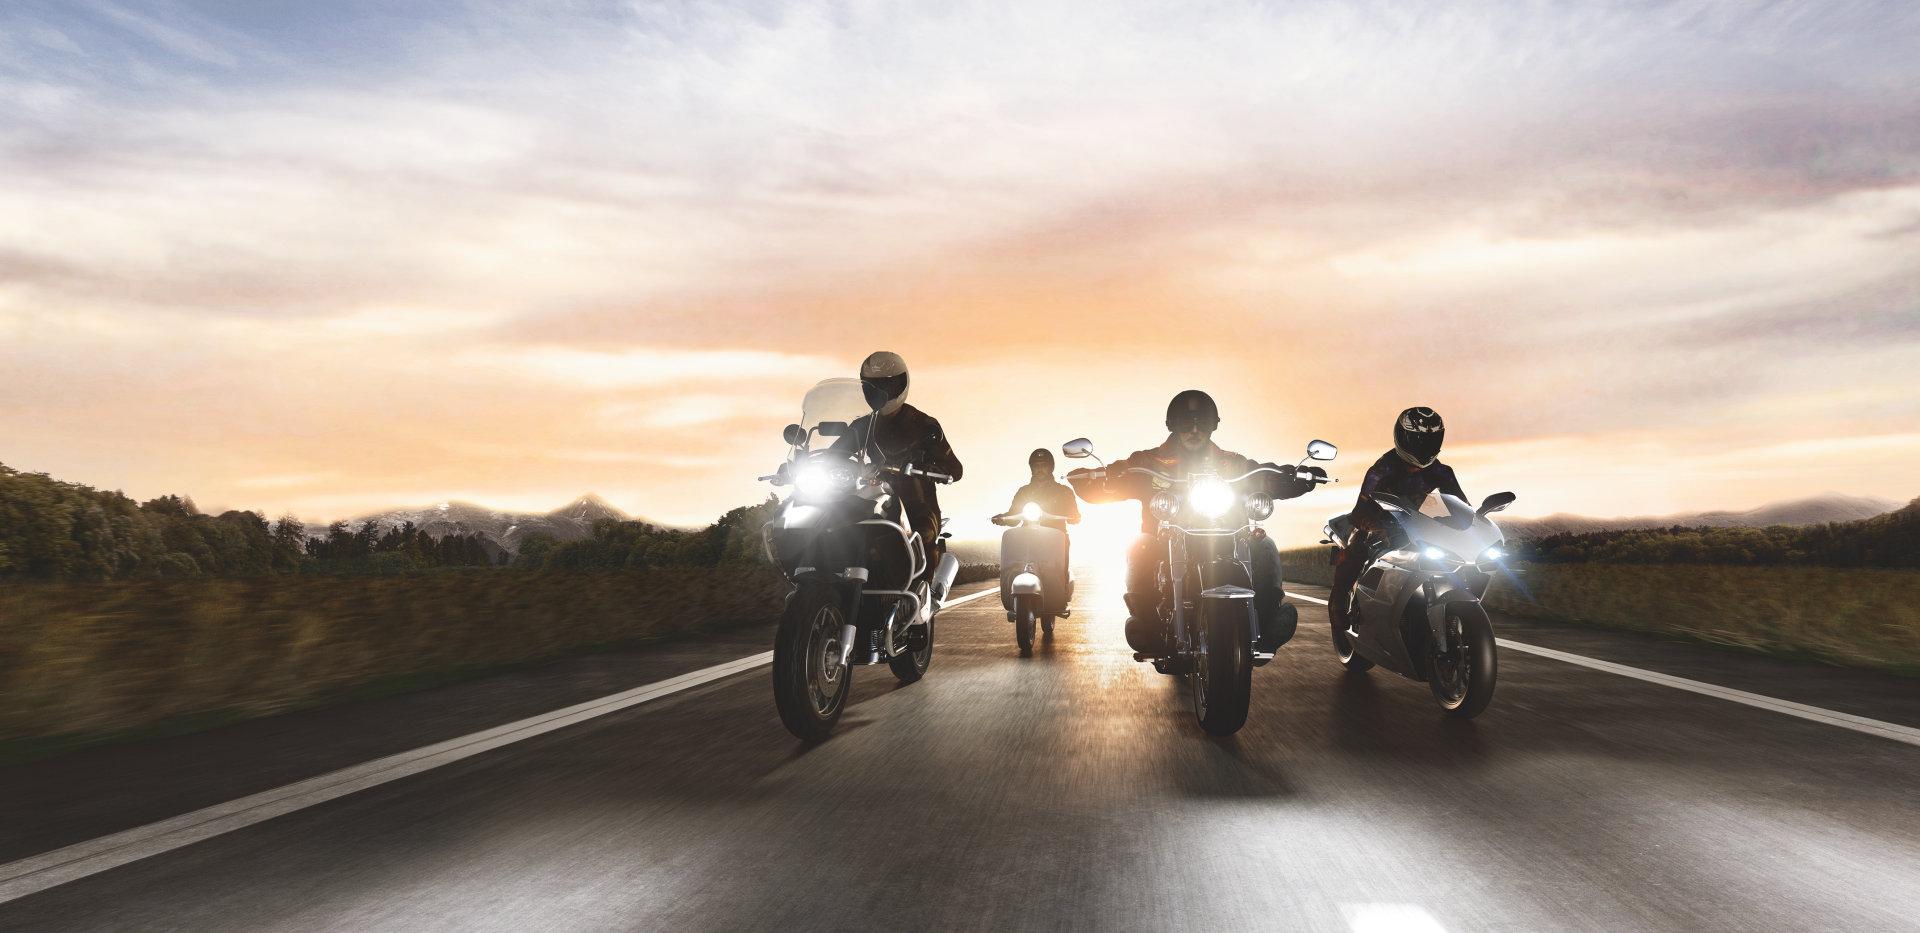 Iluminação de motocicletas